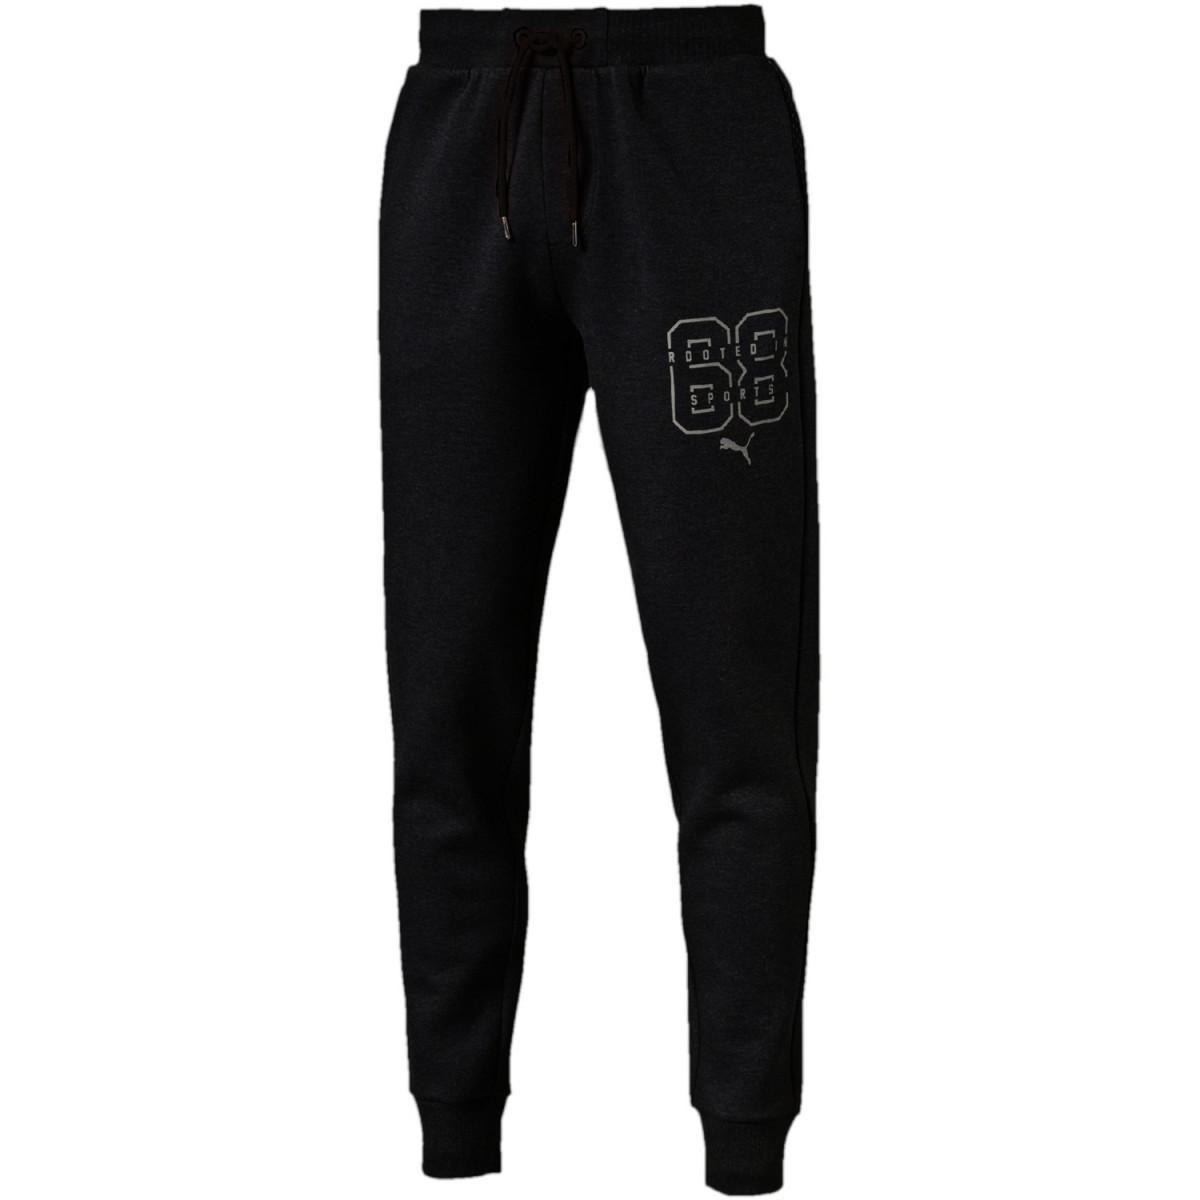 Blaze 68 Pants cl. Cotton Blac